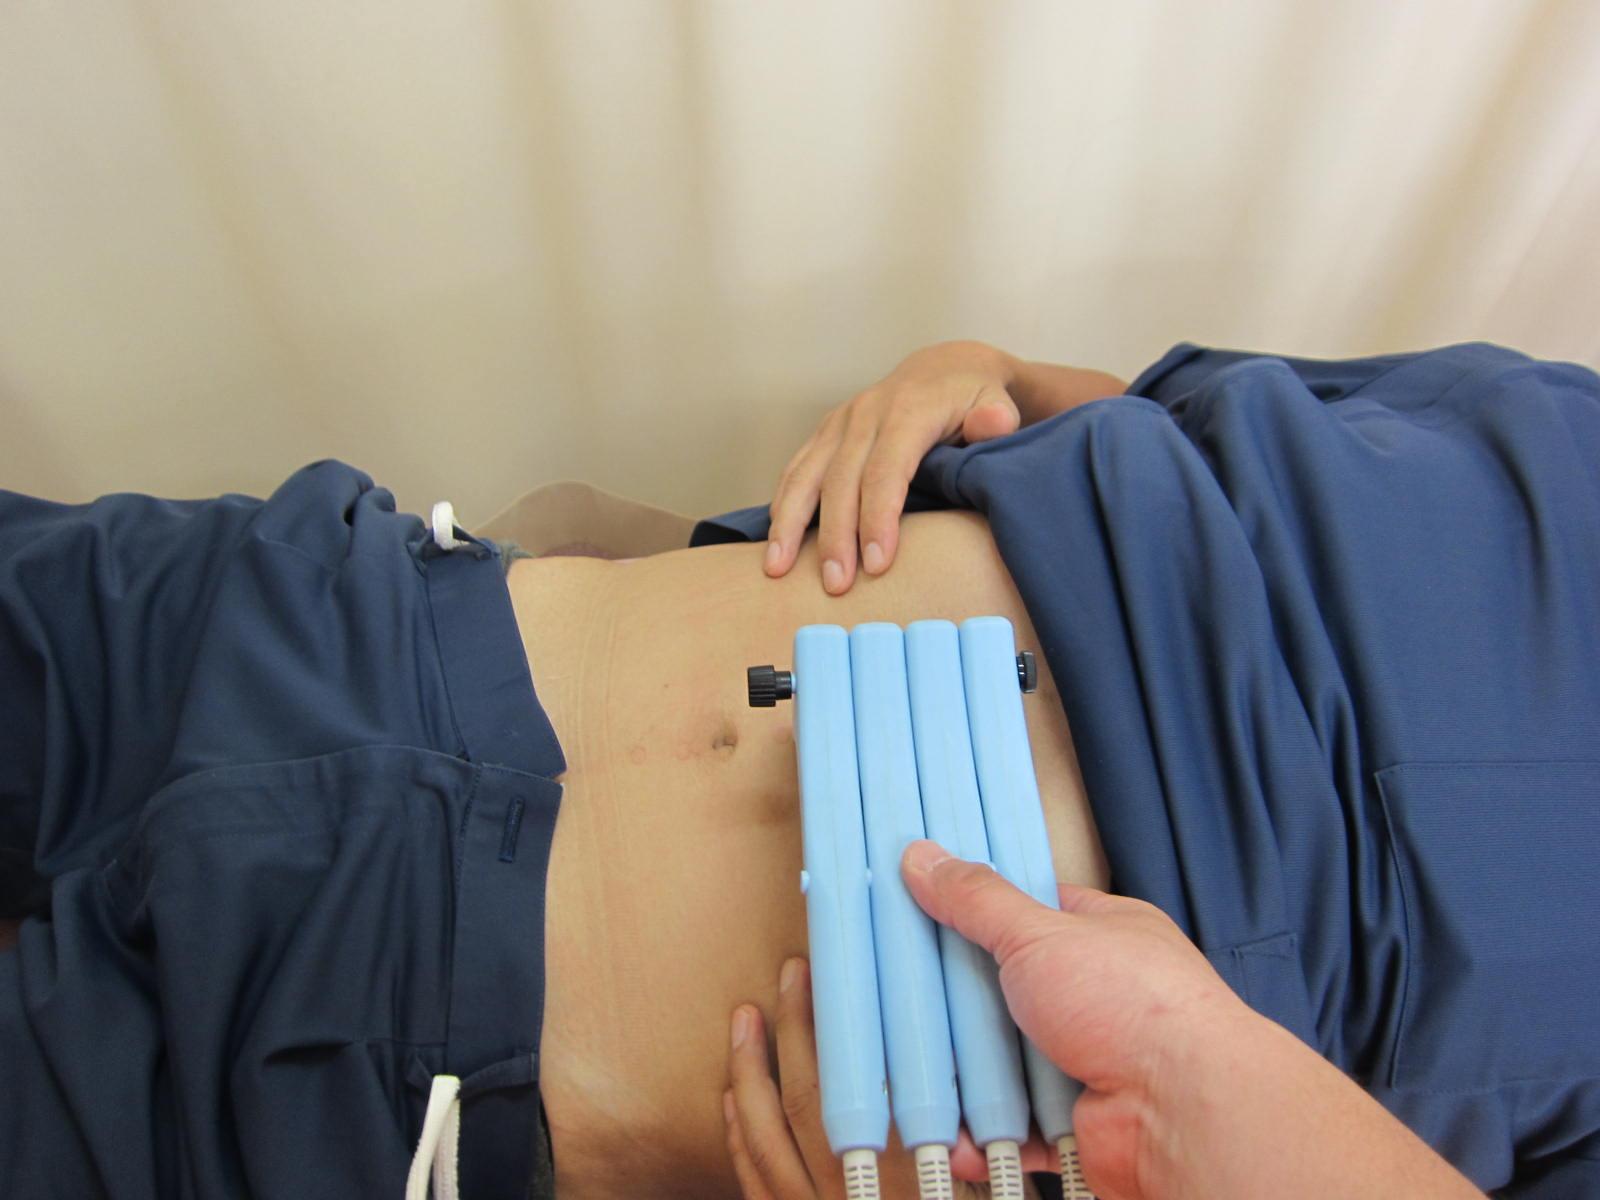 横浜の治療院で腰部脊柱管狭窄症の治療をしている写真